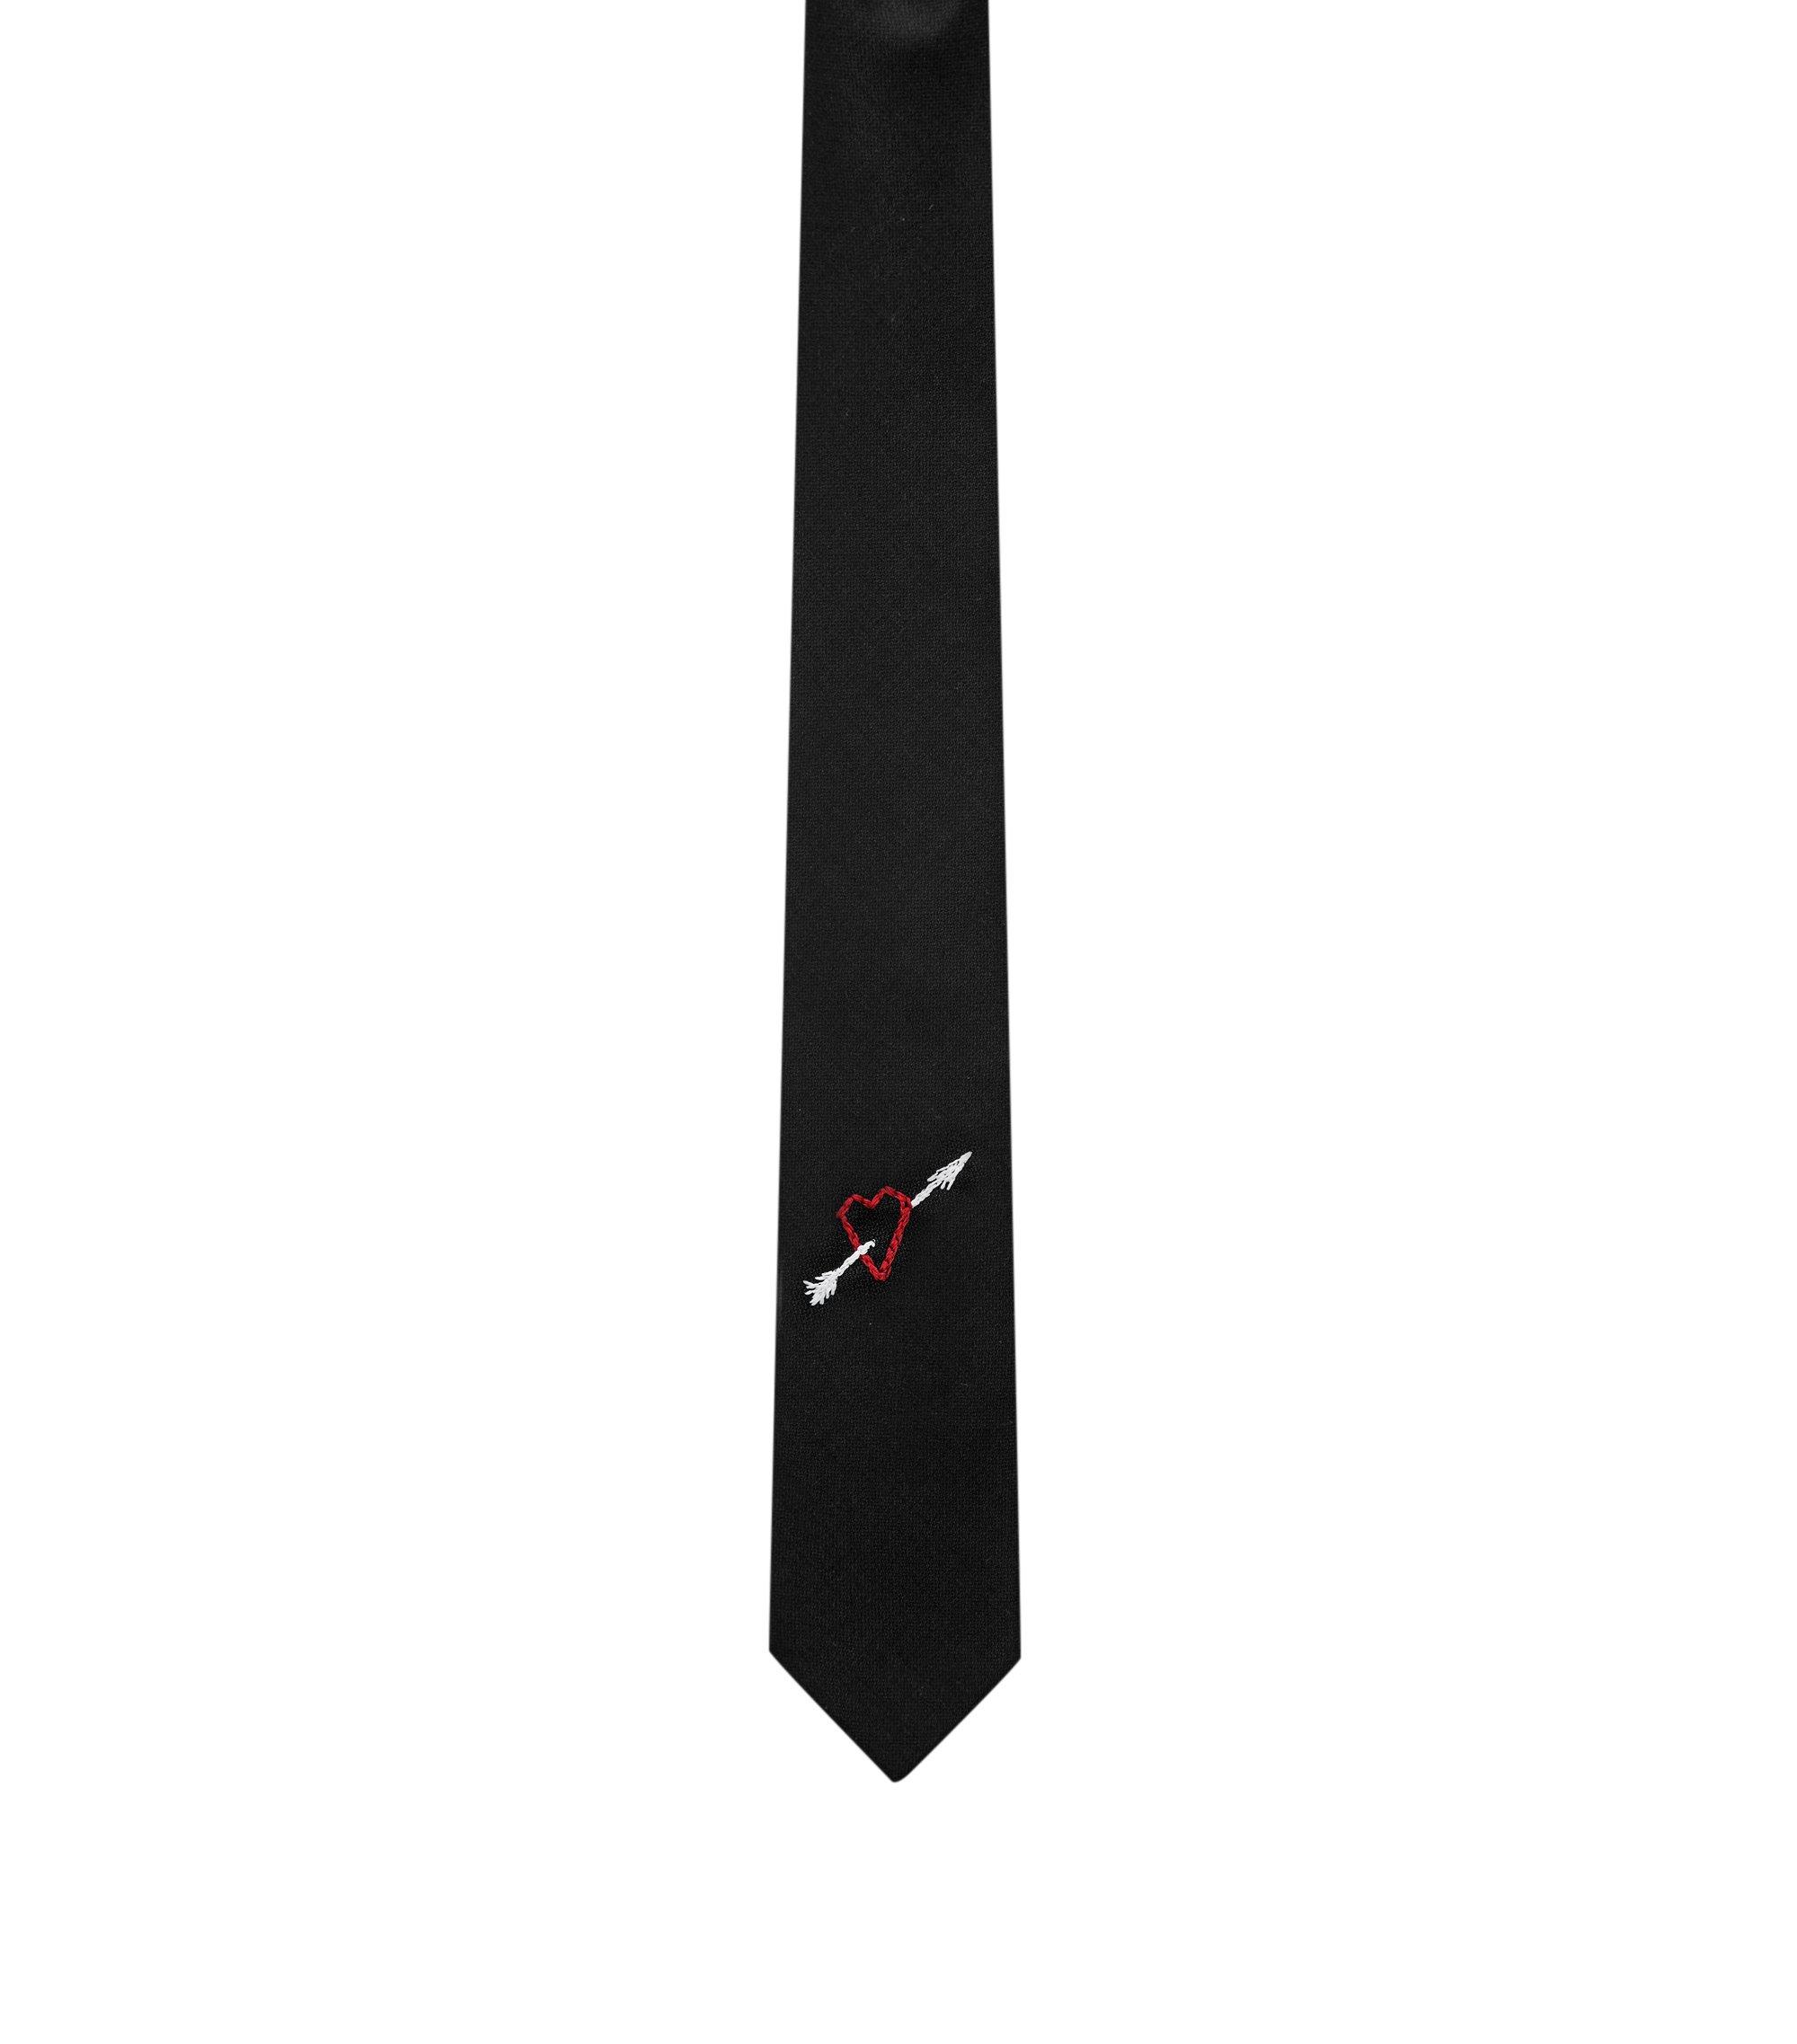 Bestickte Krawatte aus reiner Schurwolle, Schwarz